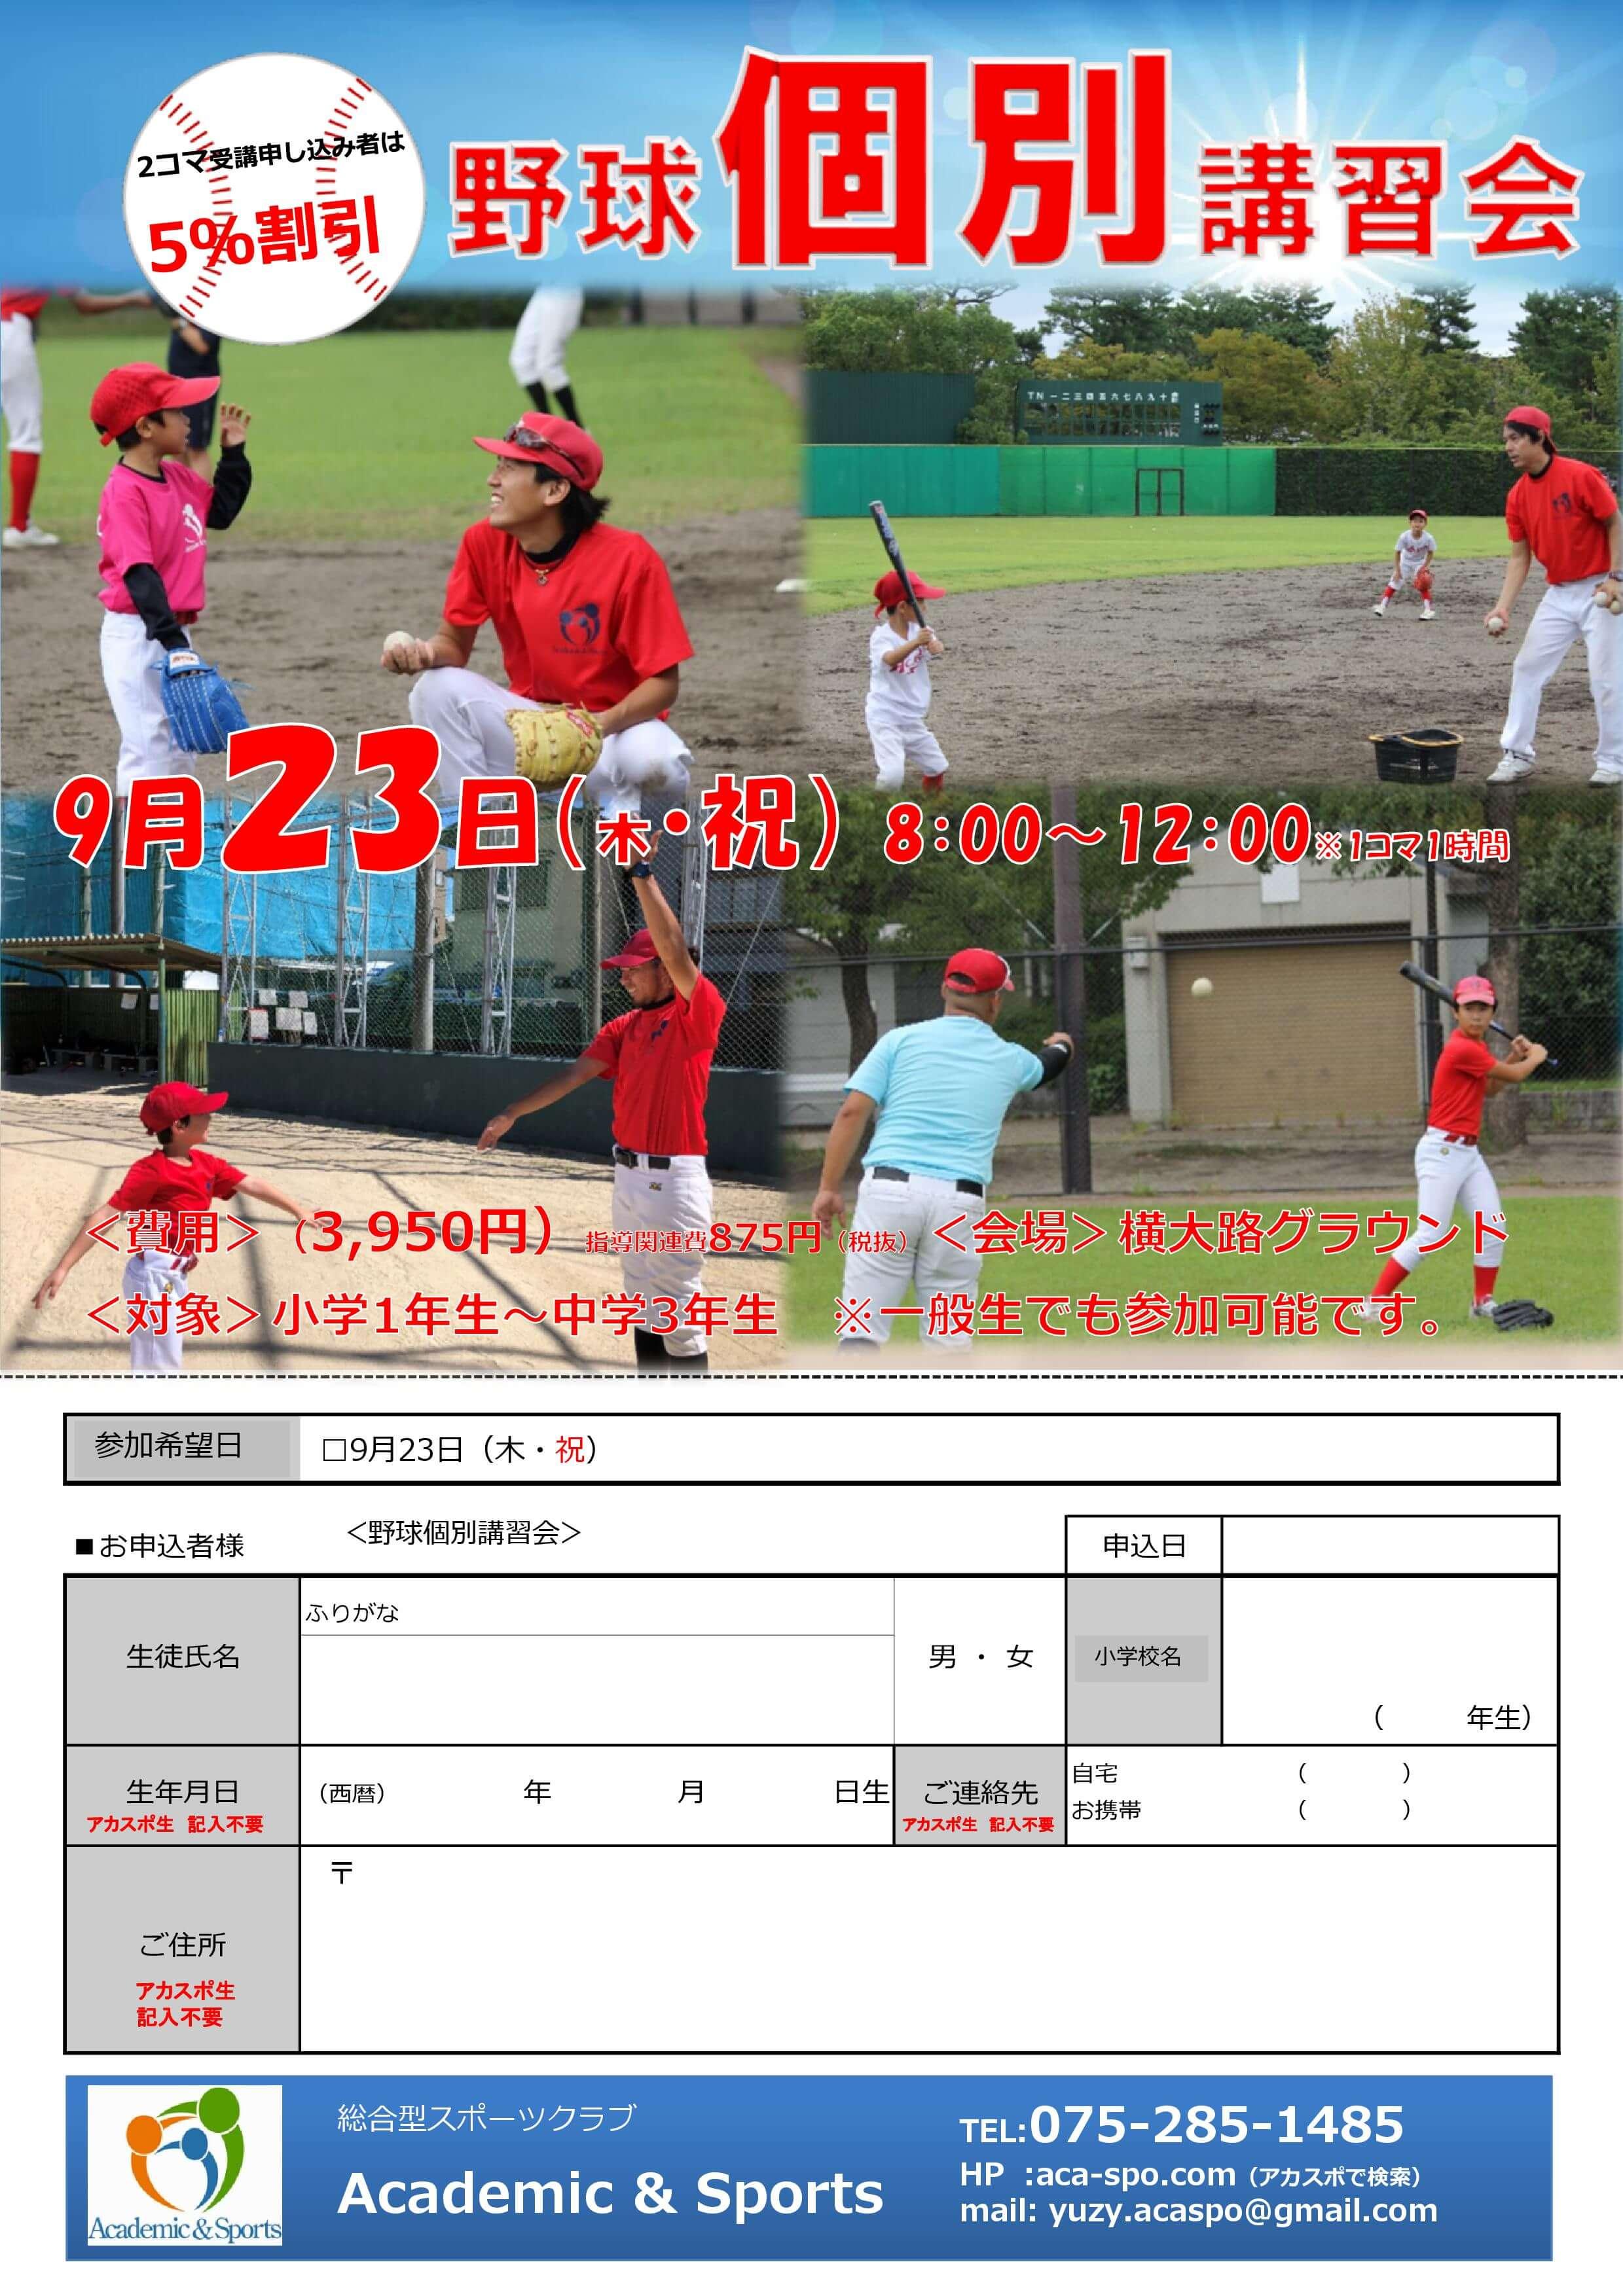 【野球】個別講習会